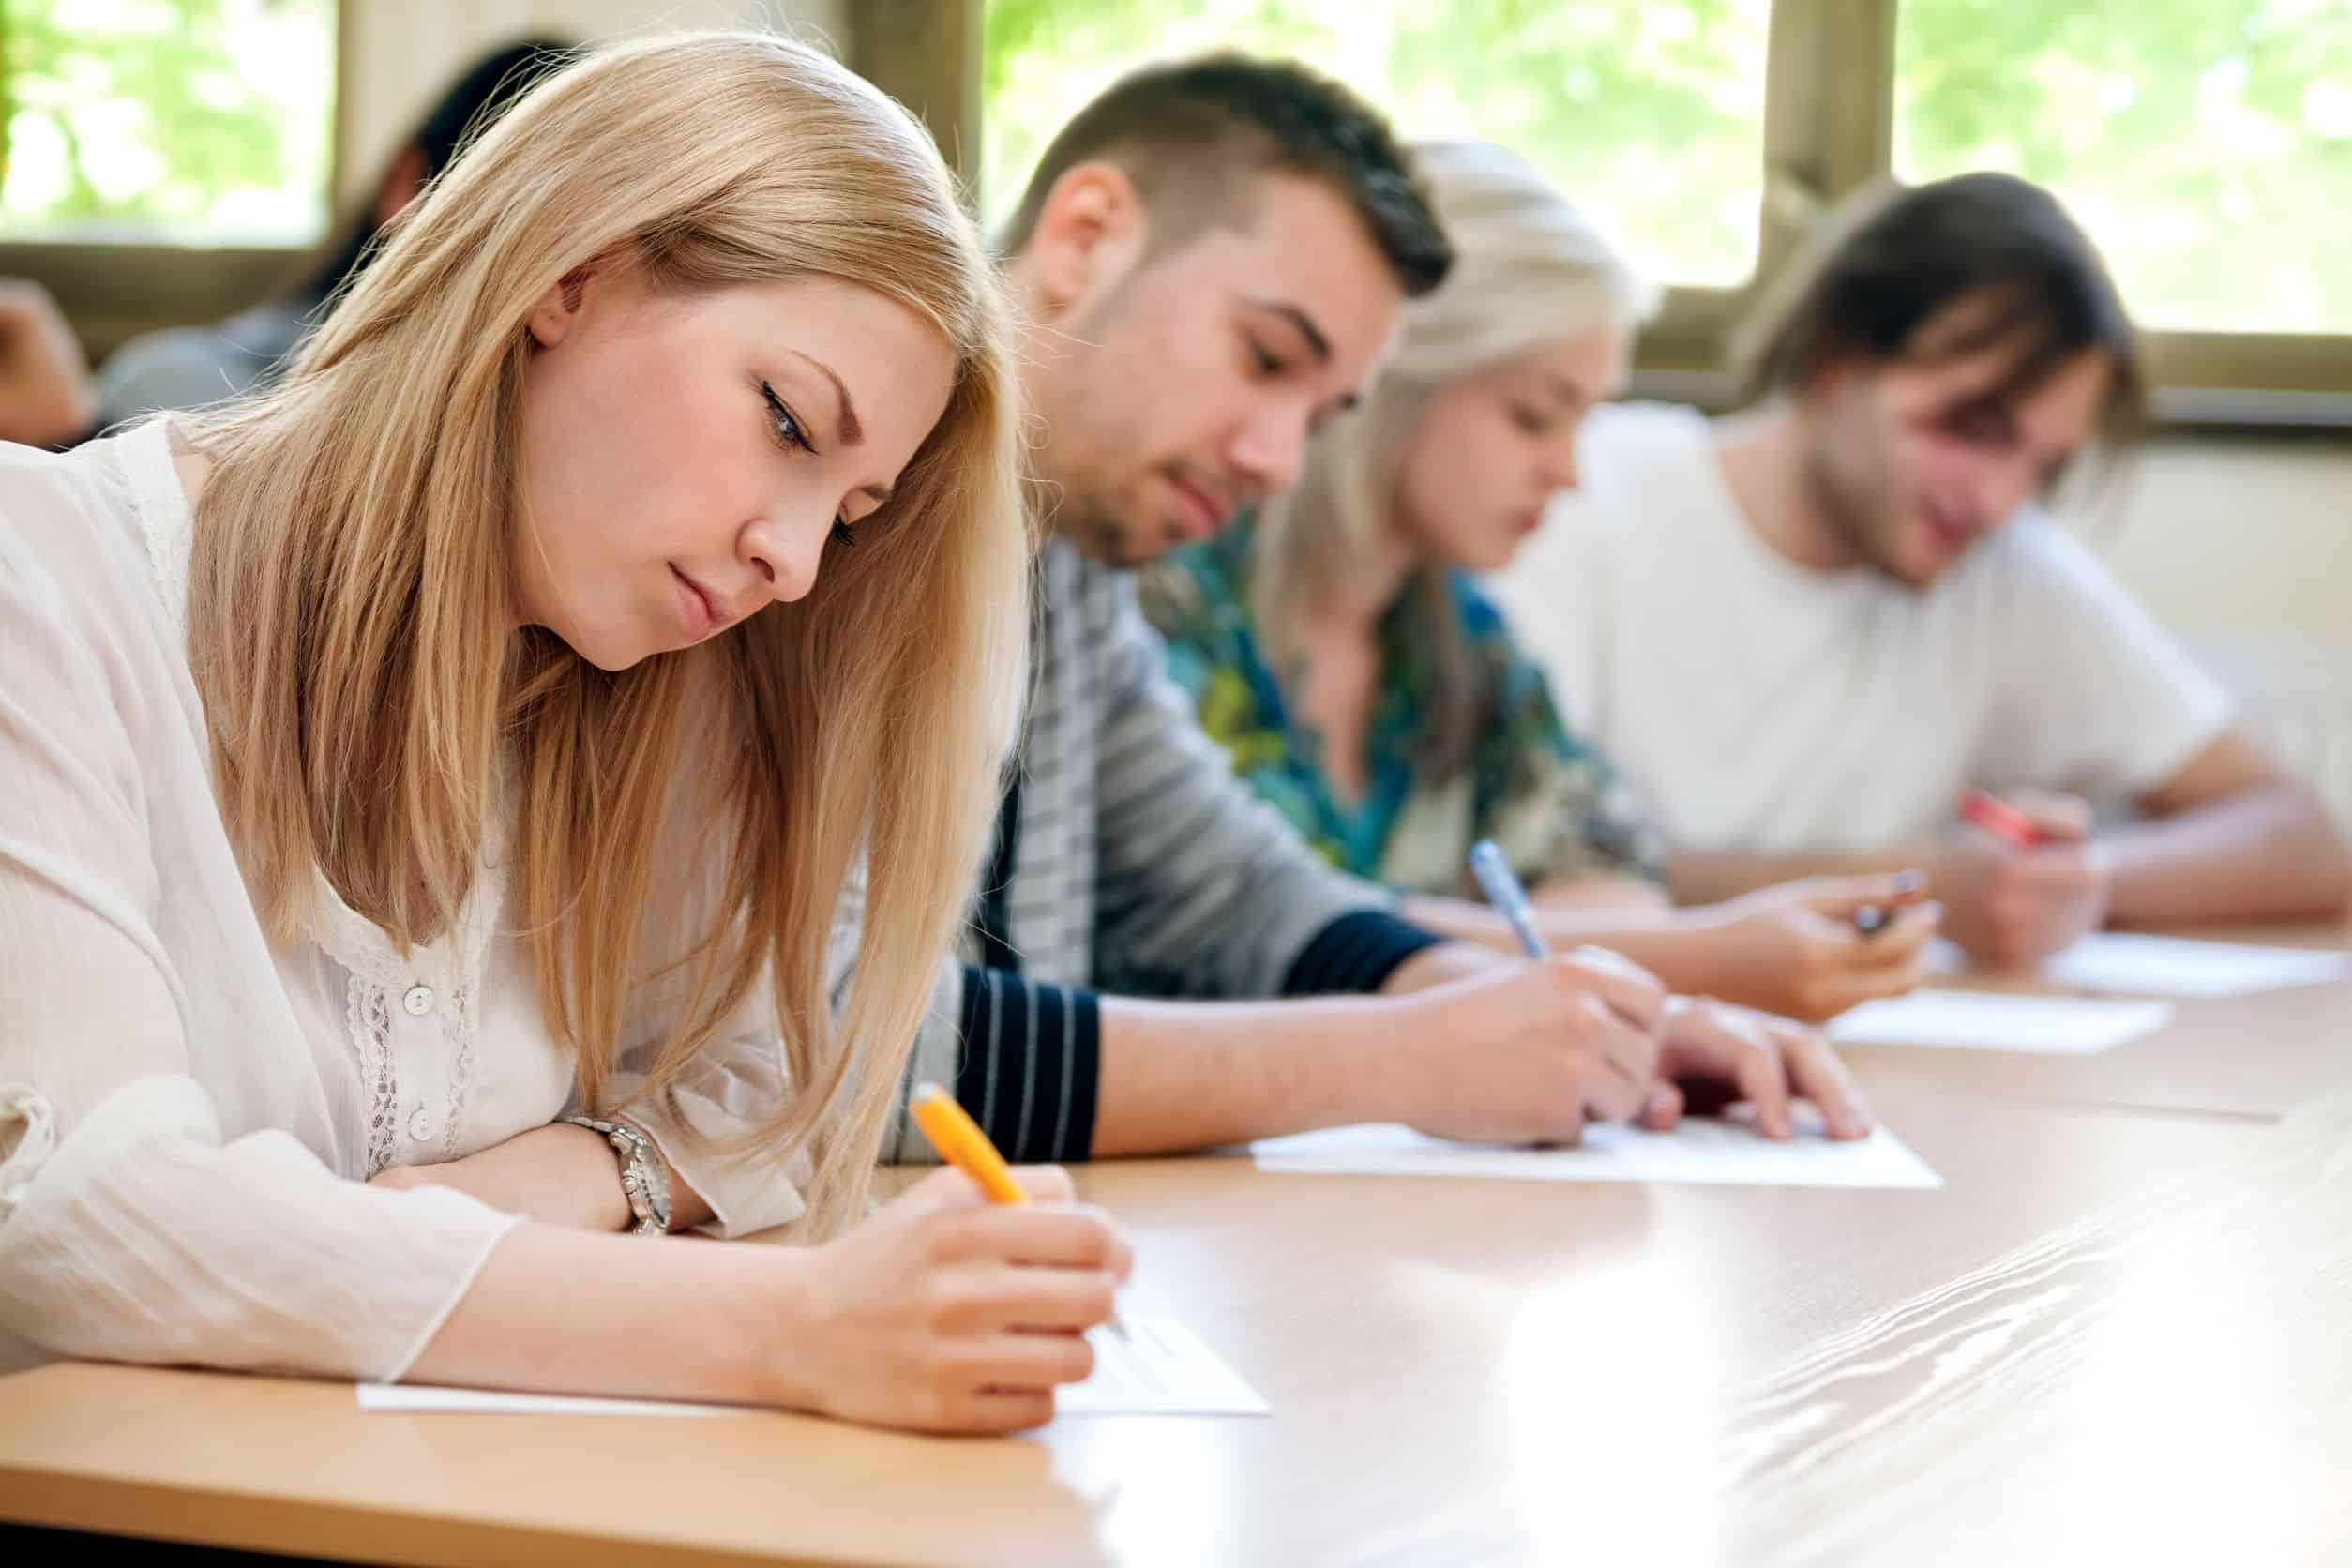 Vier Schüler sitzen nebeneinander und arbeiten (Nach dem Abi).